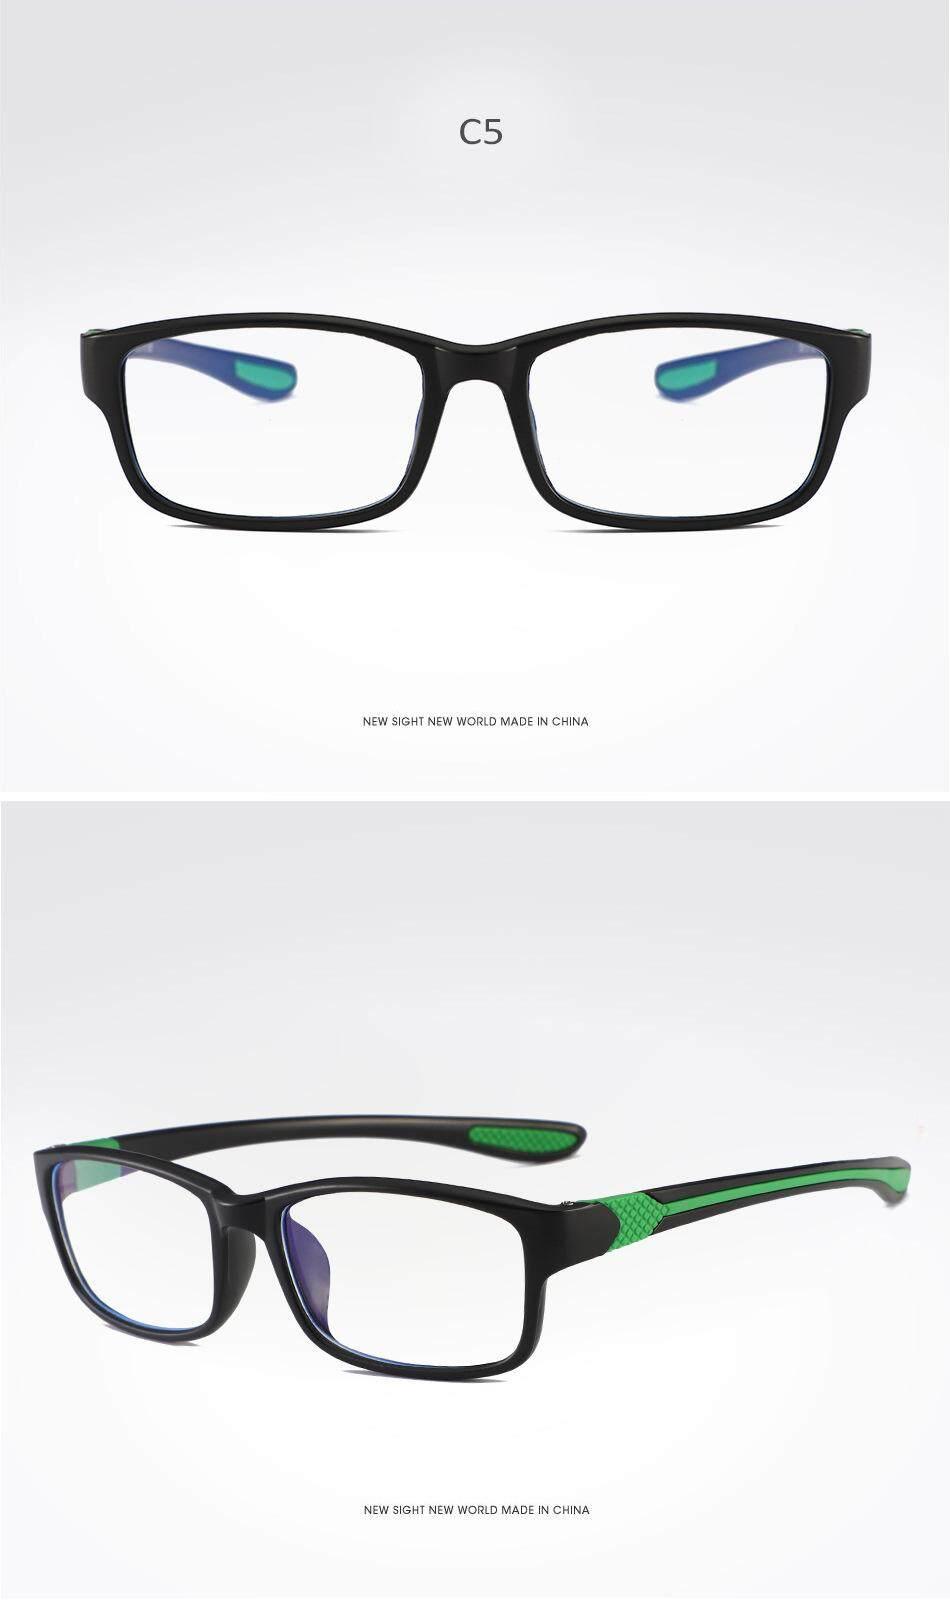 Yfcgood   Toko Mode Terkini Kacamata Pria Wanita Kacamata Anti Cahaya Biru  Kacamata UV Kacamata Lensa 50b473276f